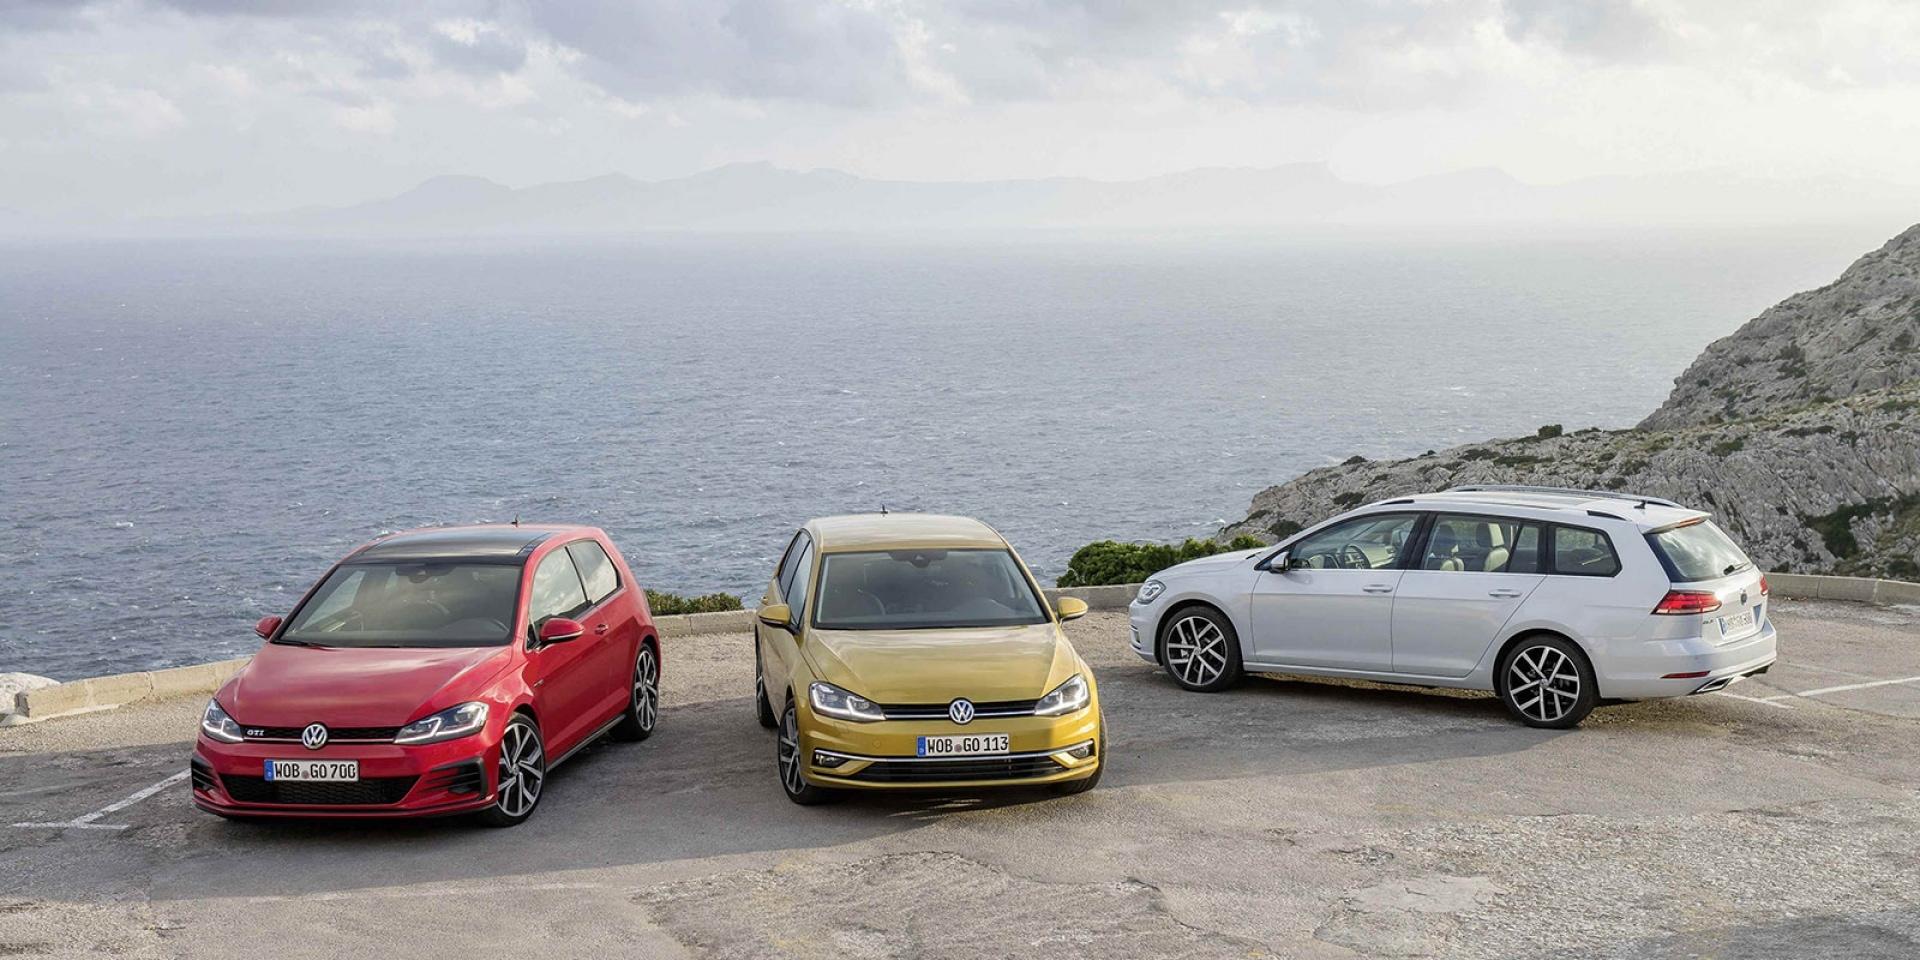 官方新聞稿。Volkswagen IQ.DRIVE智能駕駛輔助系統率先登台 Golf / Tiguan領軍 重新定義安全、便利且舒適的移動生活